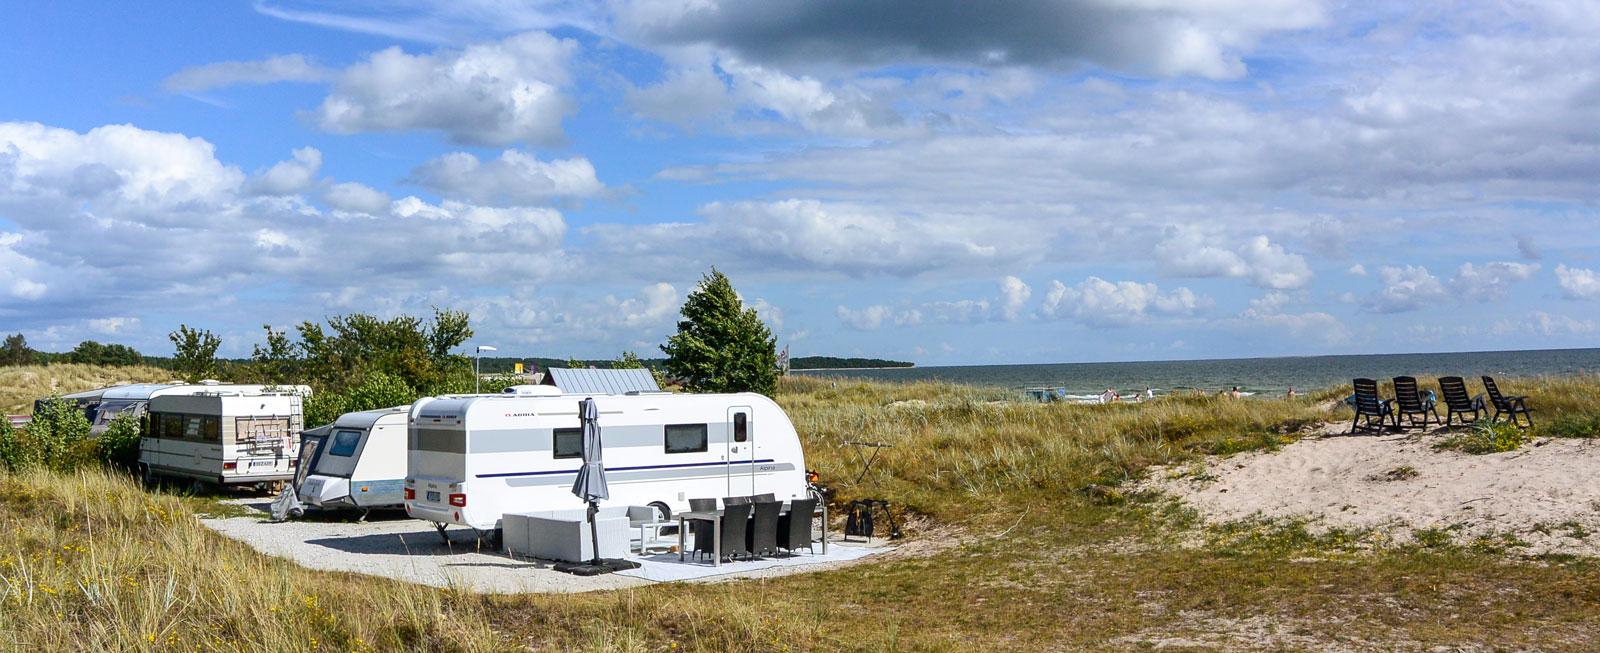 Första parkett. Campingen i Sudersand erbjuder platser med drömlika vyer som denna.